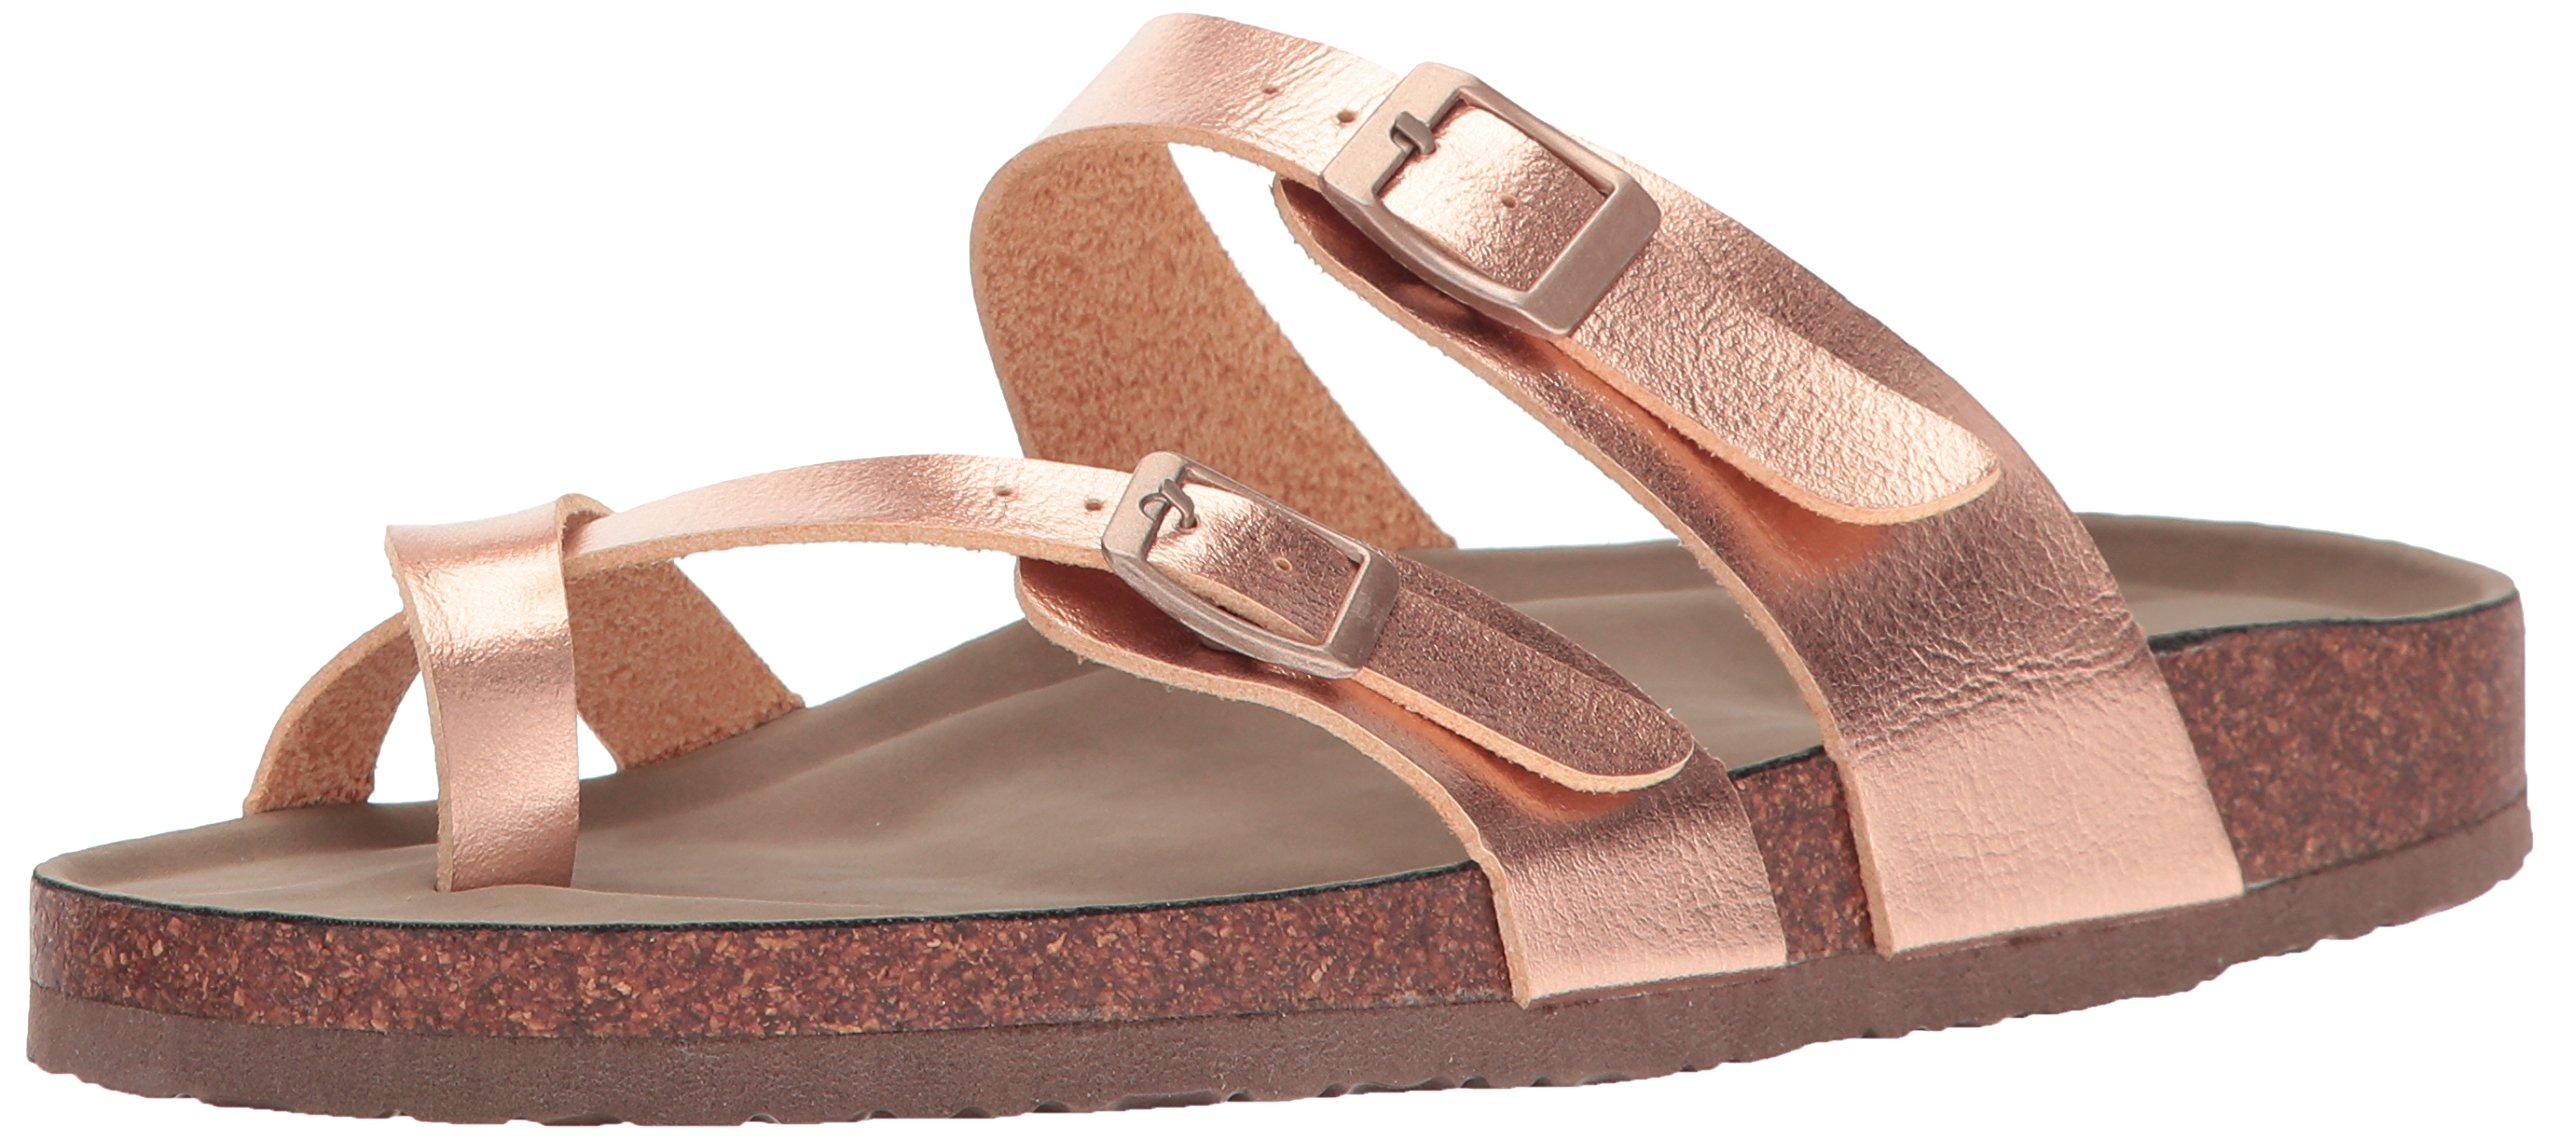 Madden Girl Women's Bryceee Toe Ring Sandal, Rose Gold, 9 M US